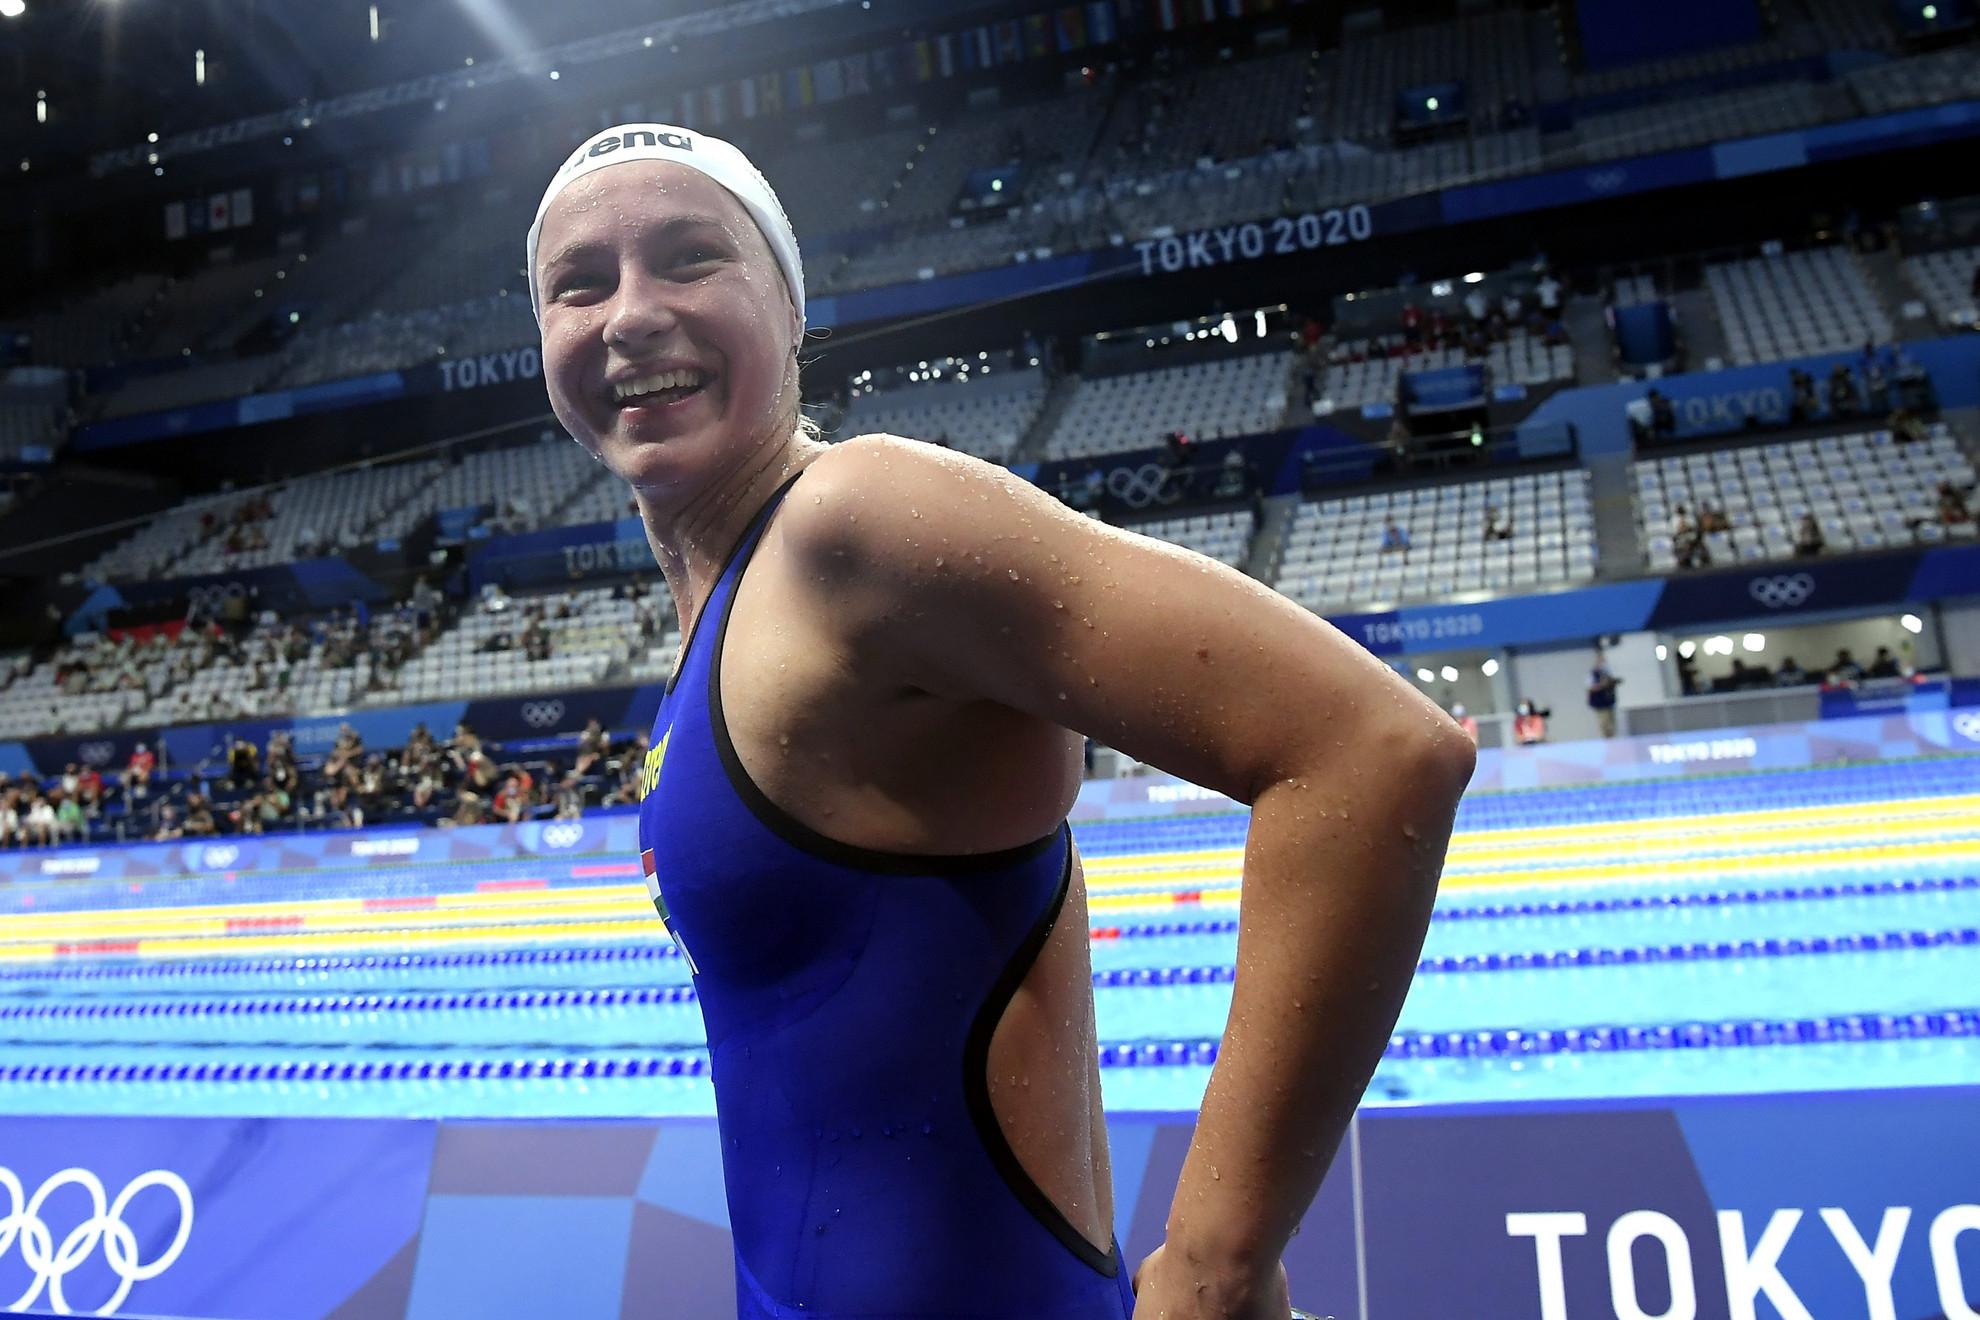 Mihályvári-Farkas Viktória a női 1500 méteres gyorsúszás előfutama után a világméretű koronavírus-járvány miatt 2021-re halasztott 2020-as tokiói nyári olimpián a Tokiói Vizes Központban 2021. július 26-án